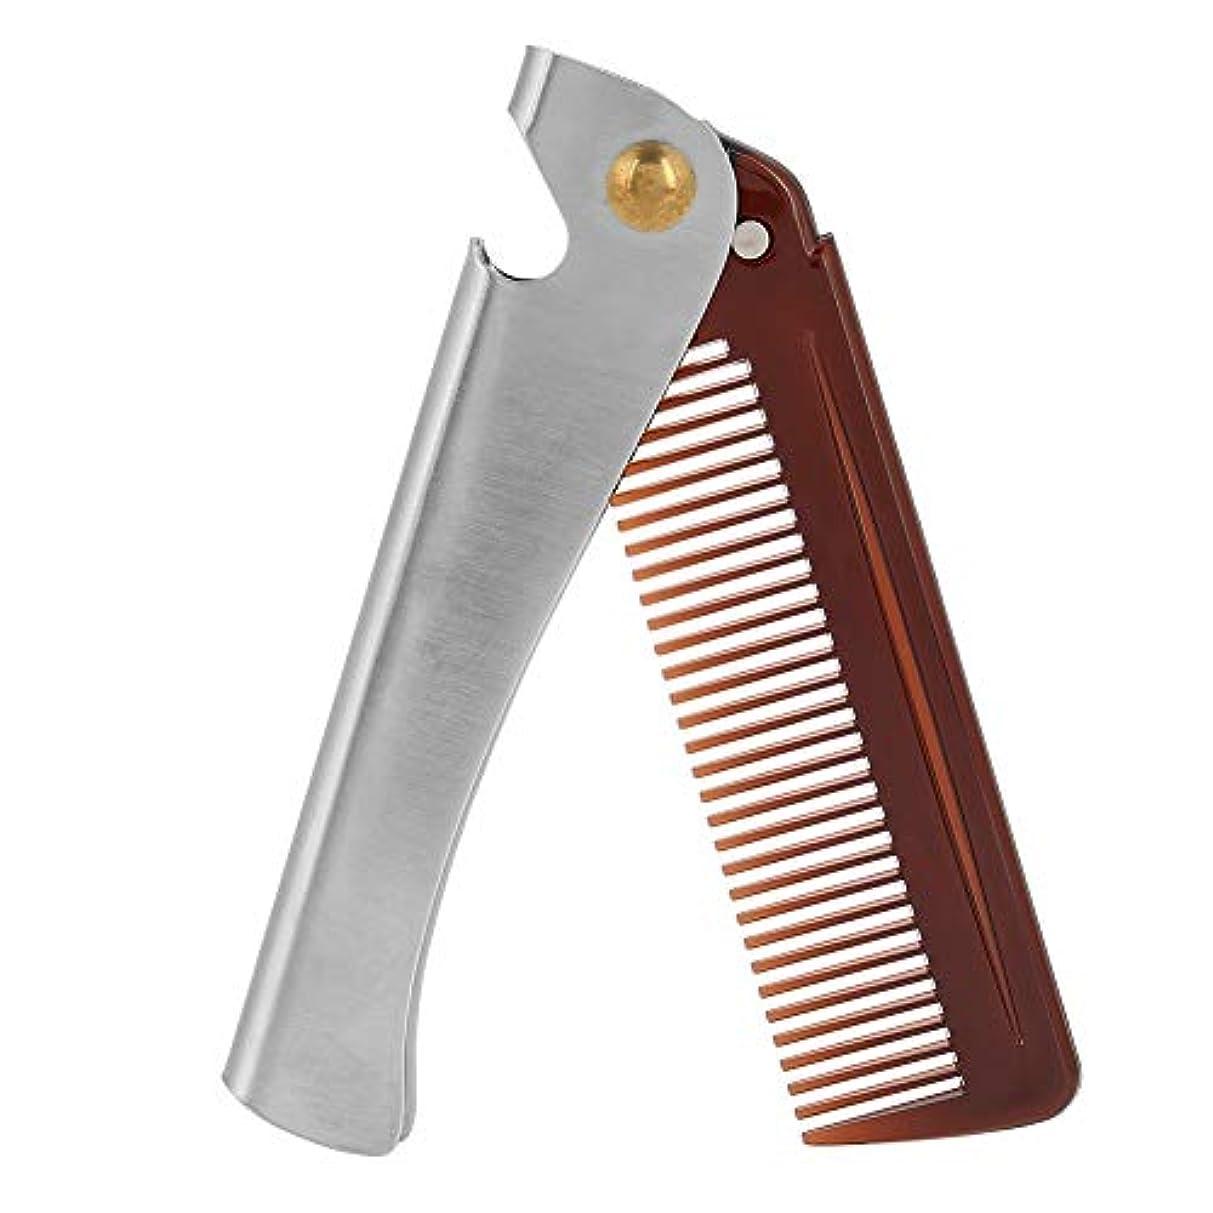 洋服強調肩をすくめるステンレス製のひげの櫛の携帯用ステンレス製のひげの櫛の携帯用折りたたみ口ひげ用具の栓抜き